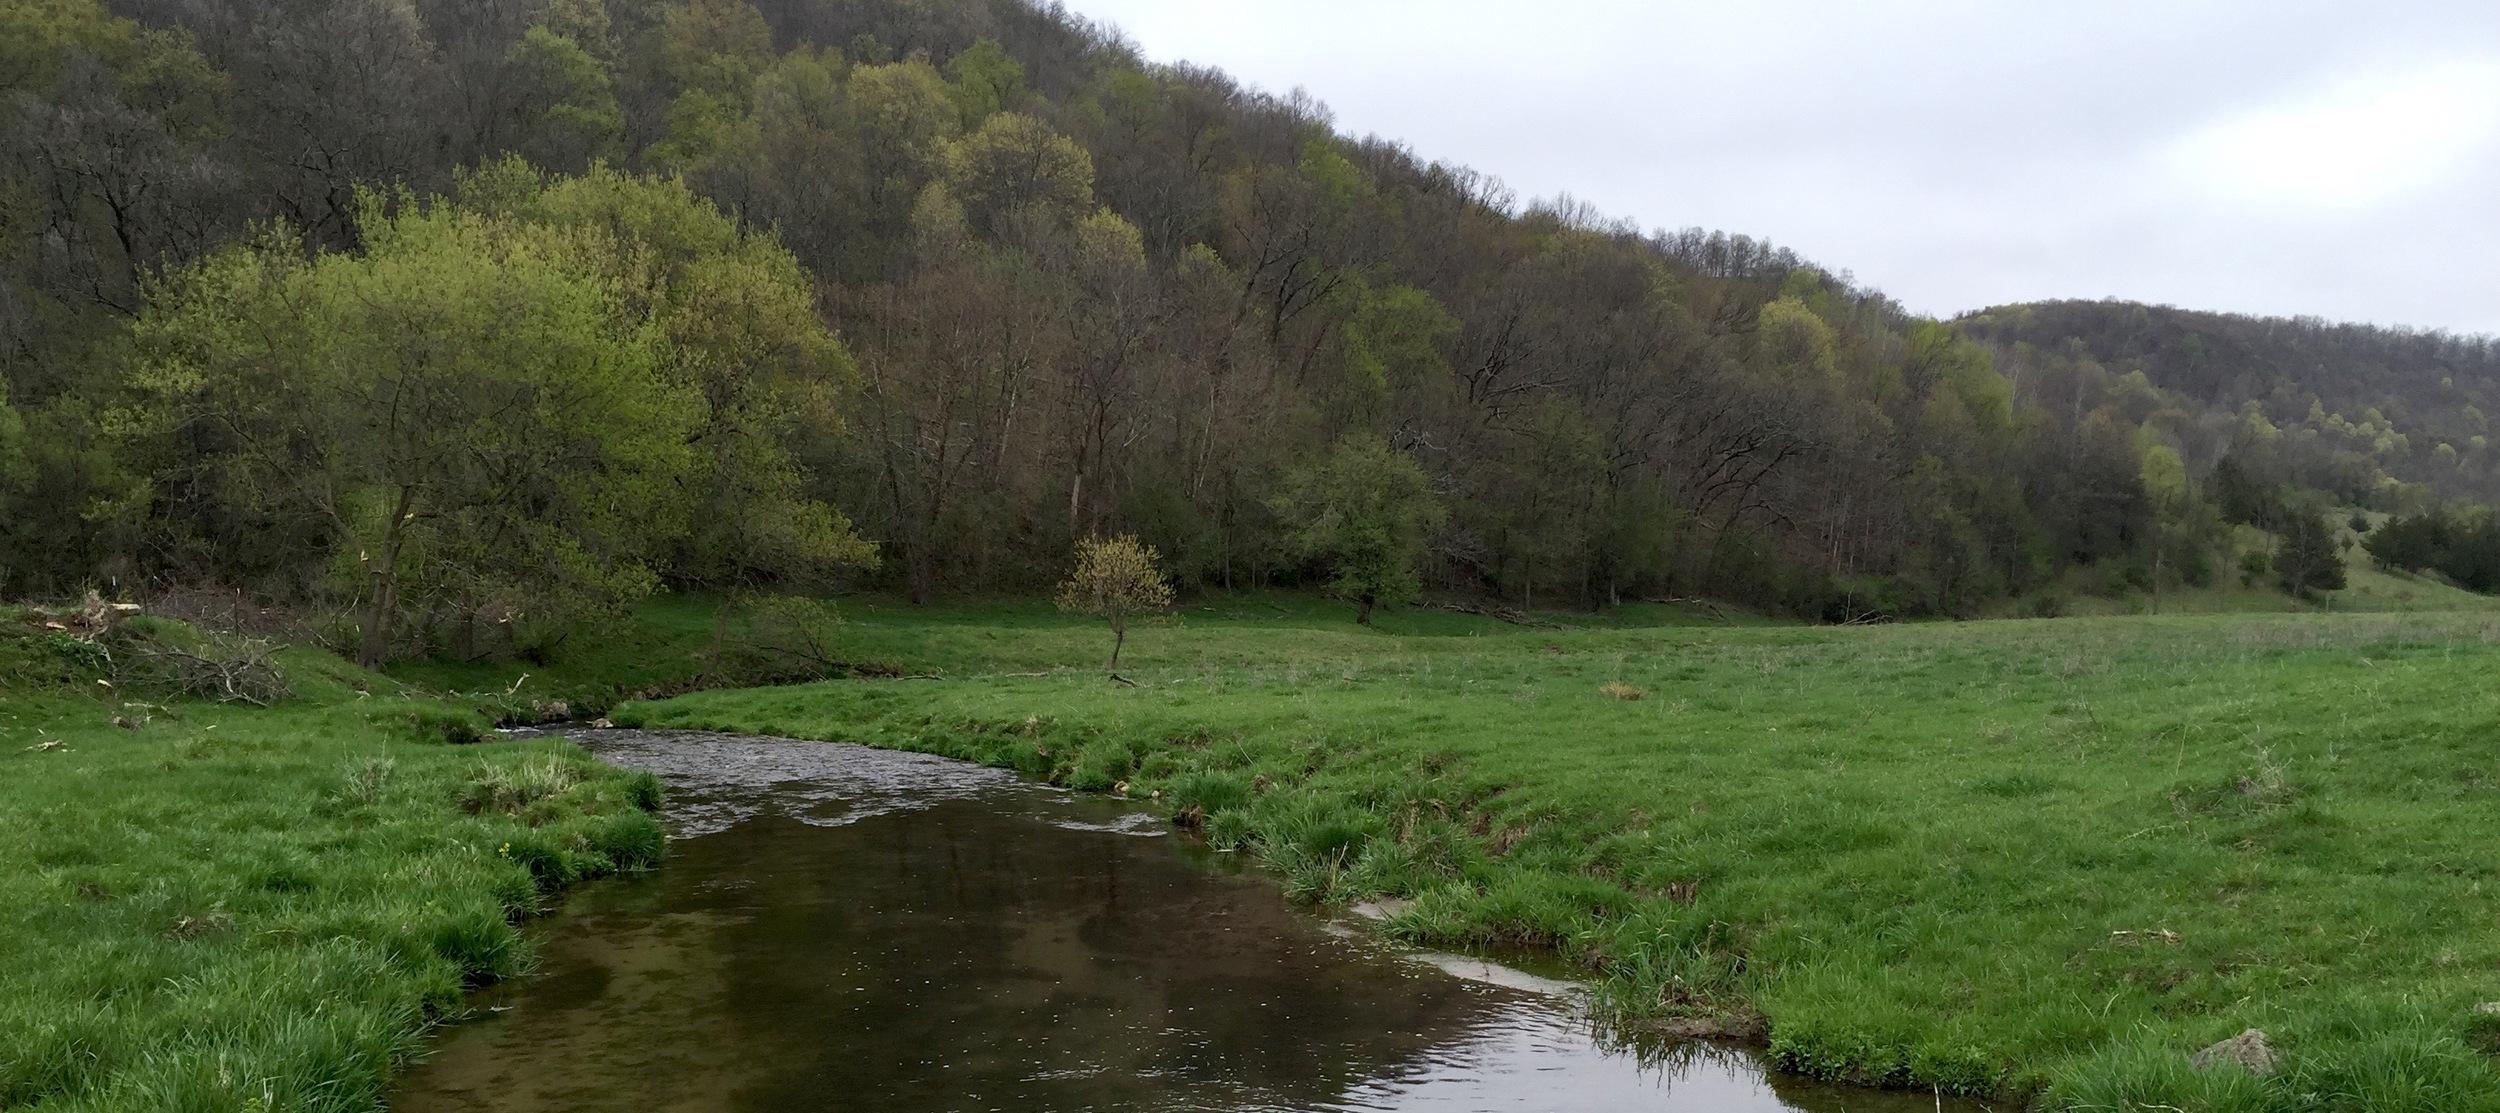 Diftless Valley Creek